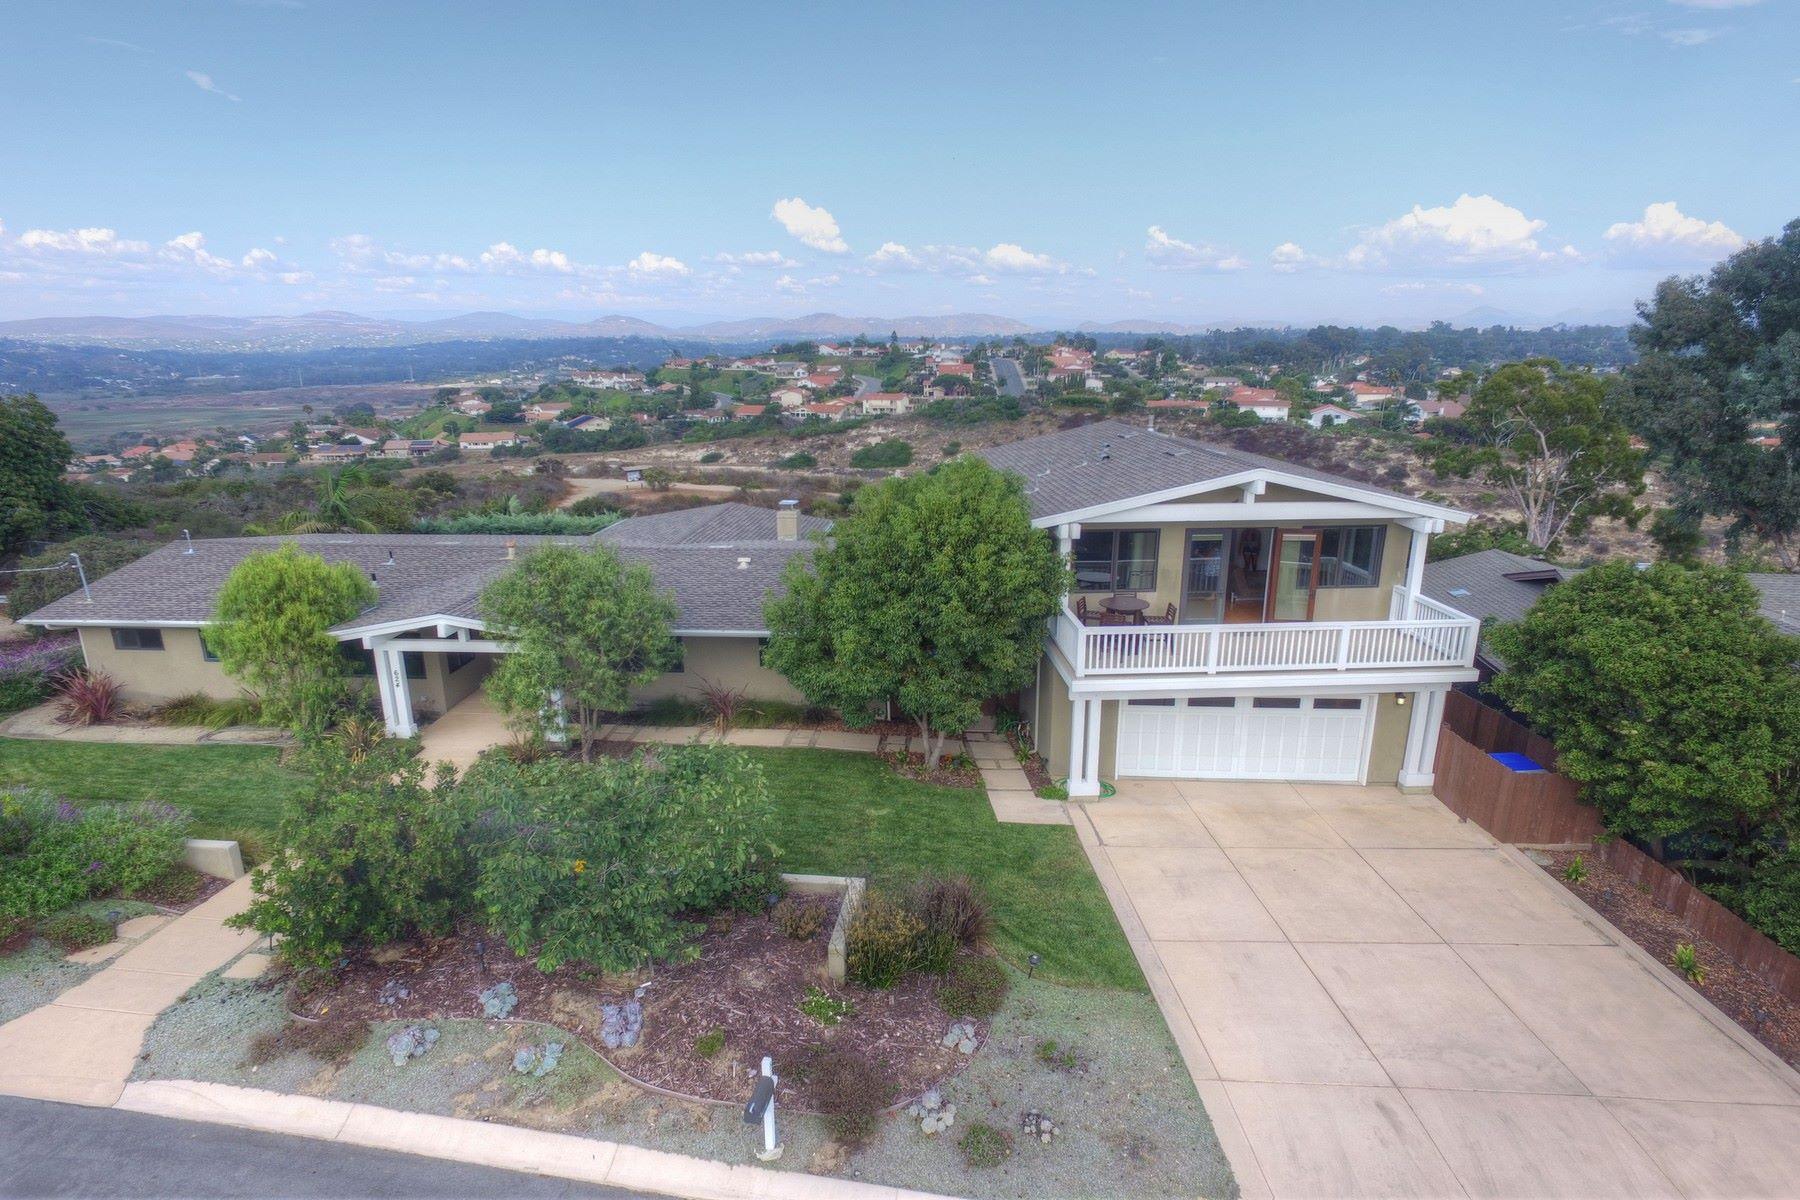 Maison unifamiliale pour l Vente à 624 Ridgeline Place Solana Beach, Californie, 92075 États-Unis